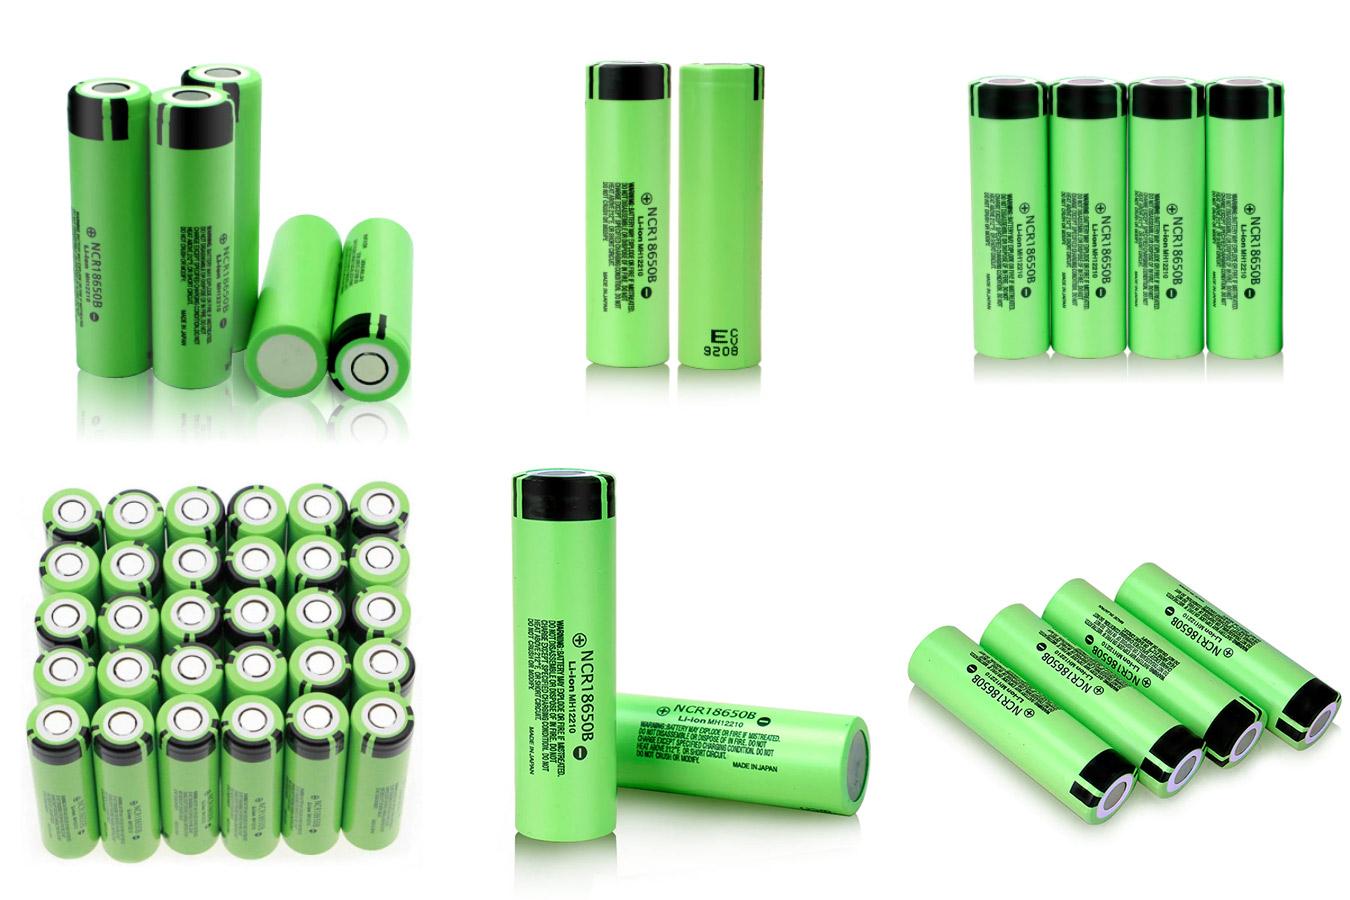 Объемная батарея аккумуляторного типа